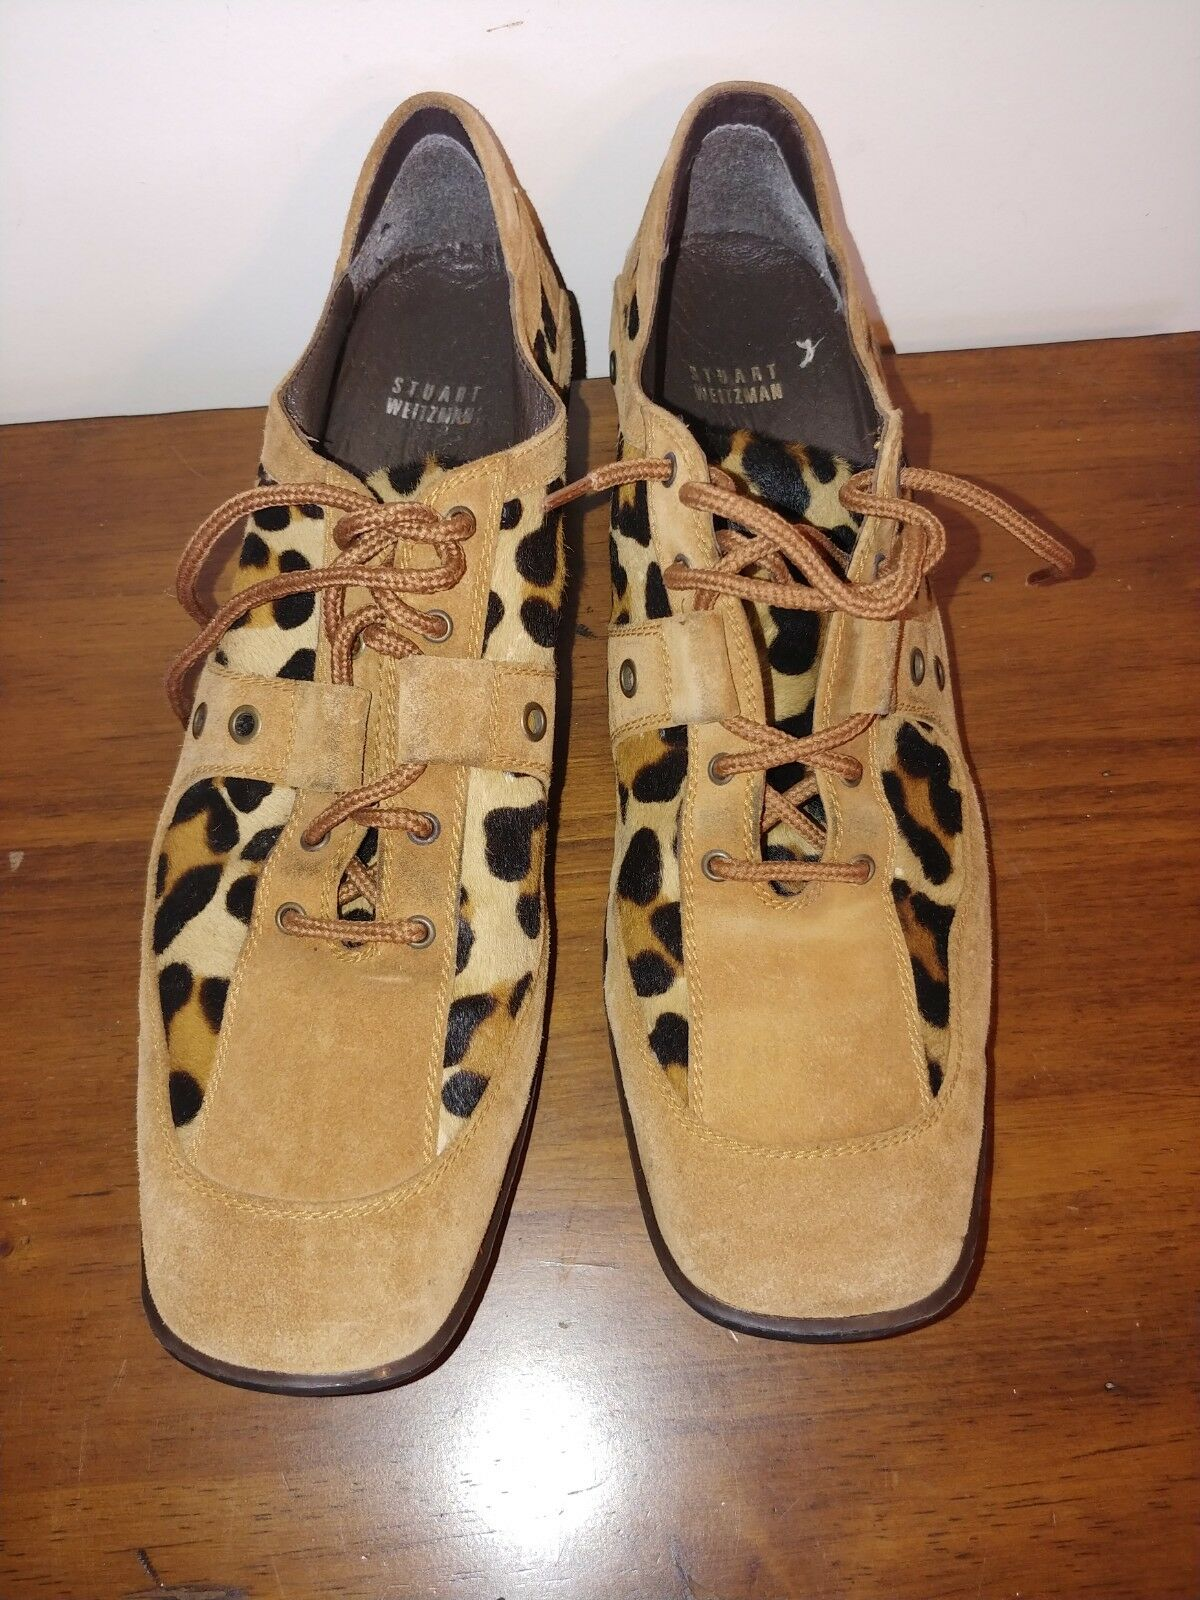 Stuart Weitzman Gamuza Estampado de Leopardo Leopardo Leopardo Pelo Real de la pantorrilla Talla 10 Y Medio  tienda de bajo costo